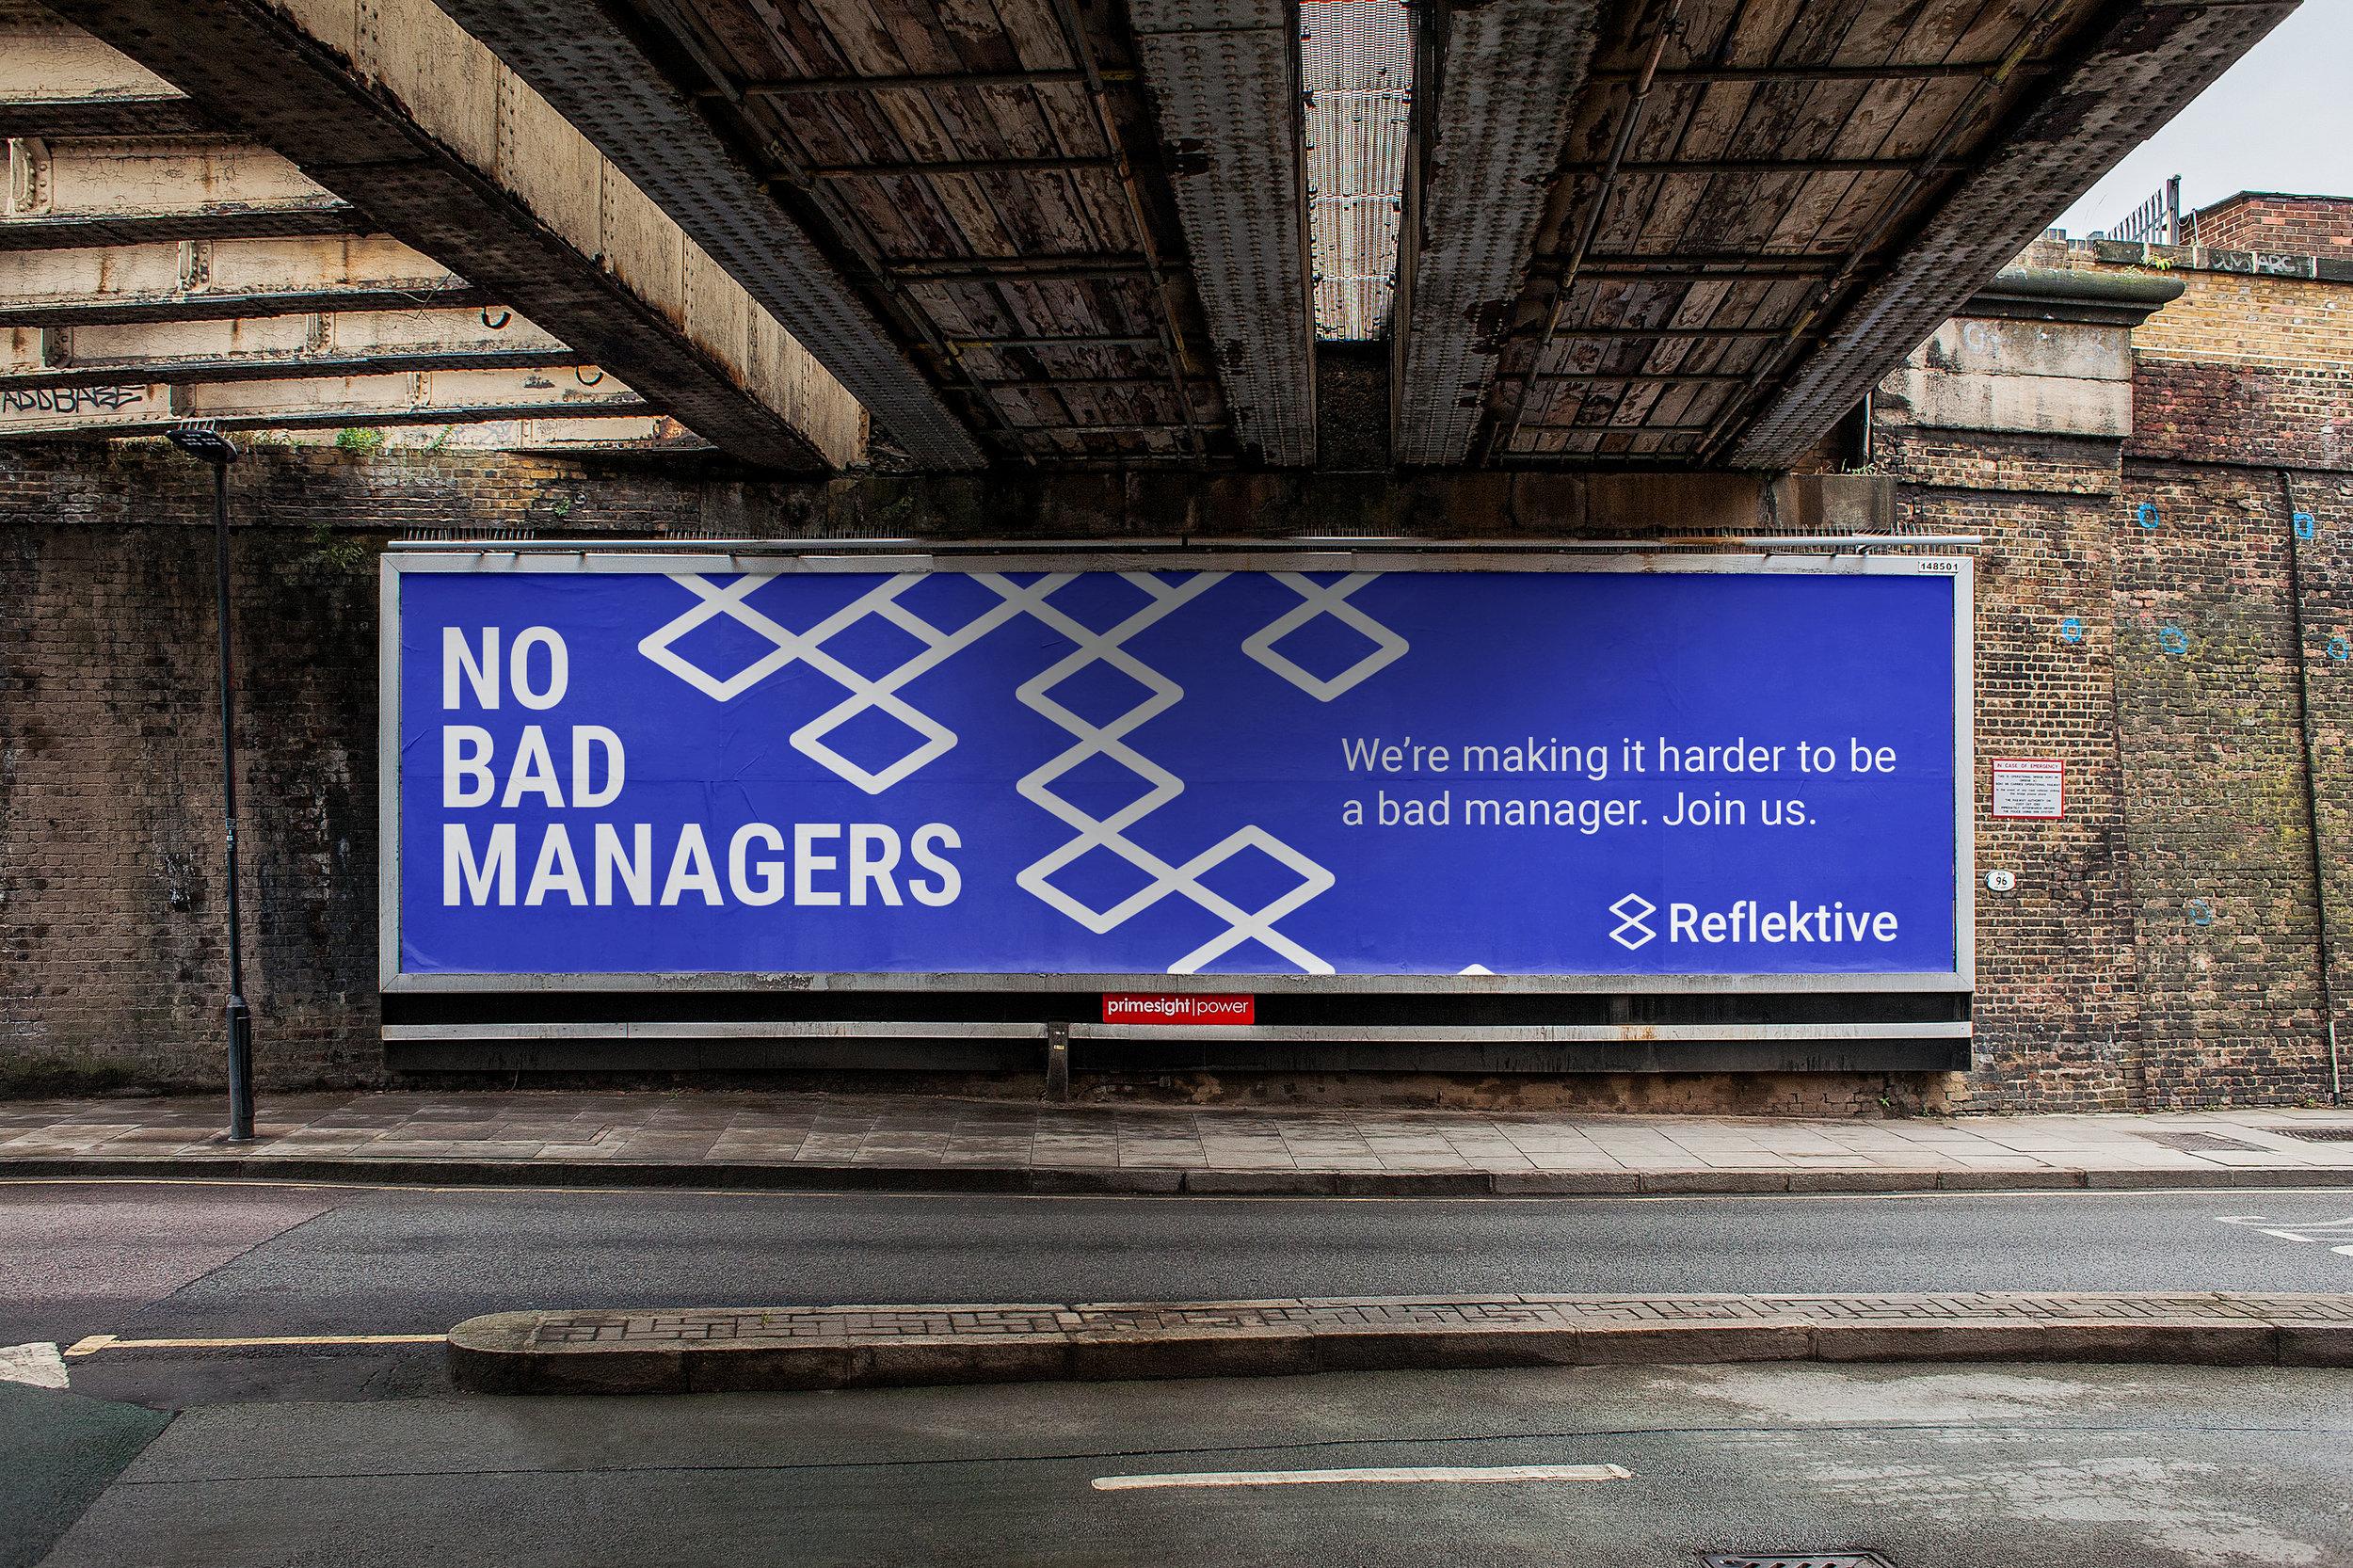 billboard2a.jpg